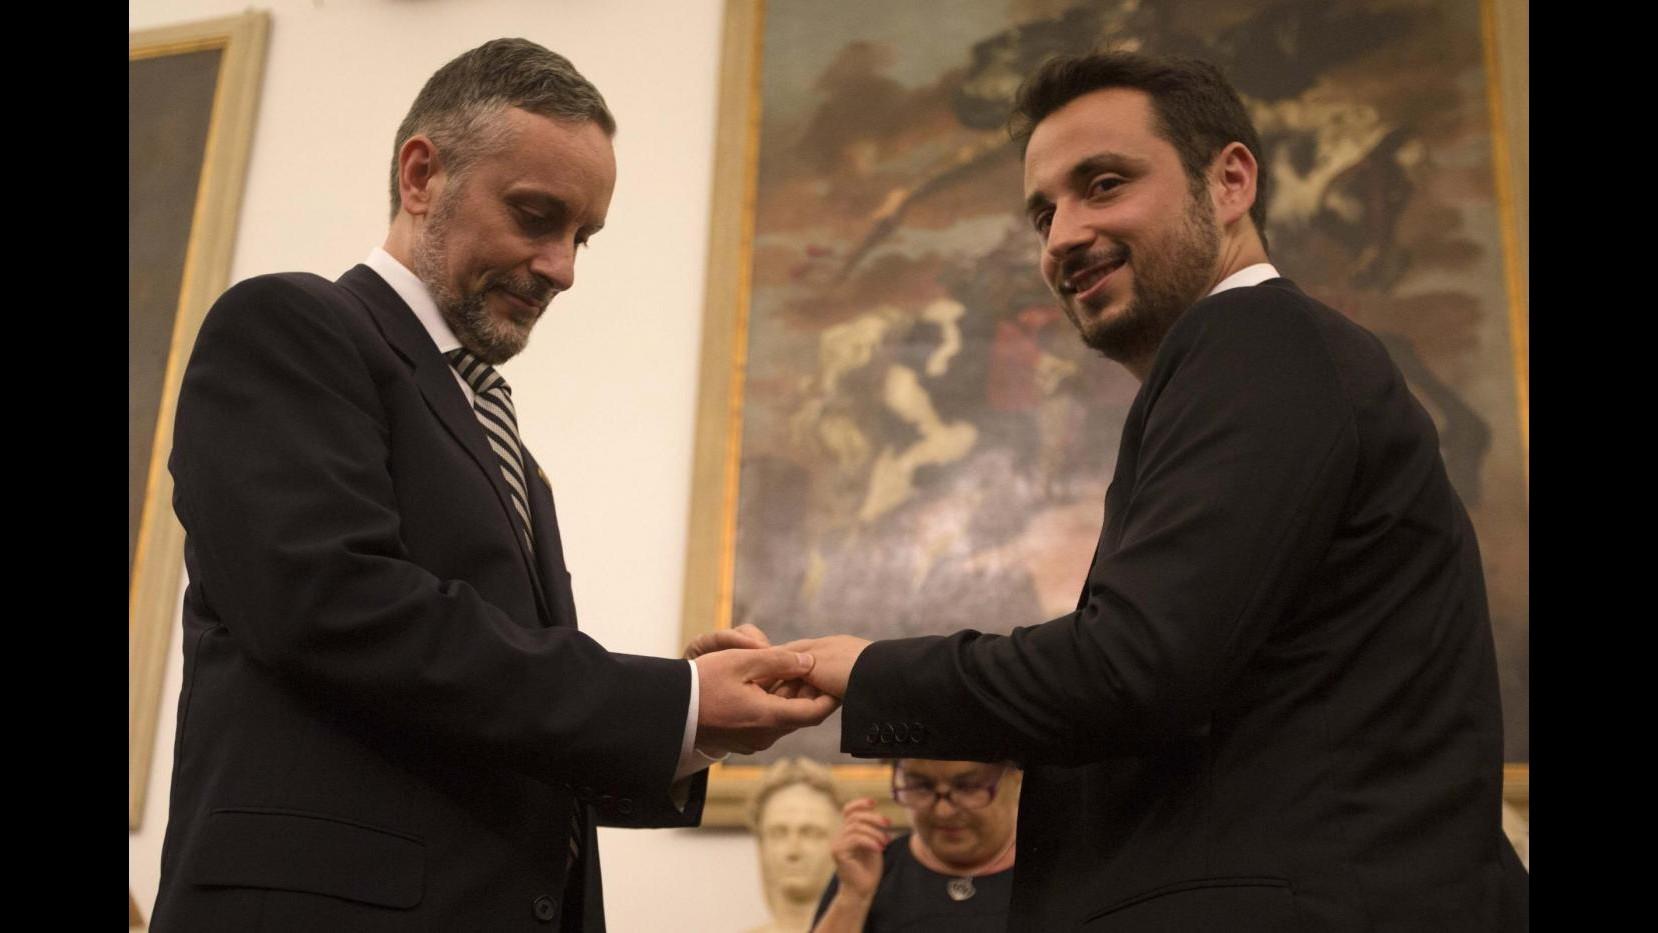 Nozze Gay, Colamarino, presidente 'Mario Mieli': Ideologia fuori da tribunali